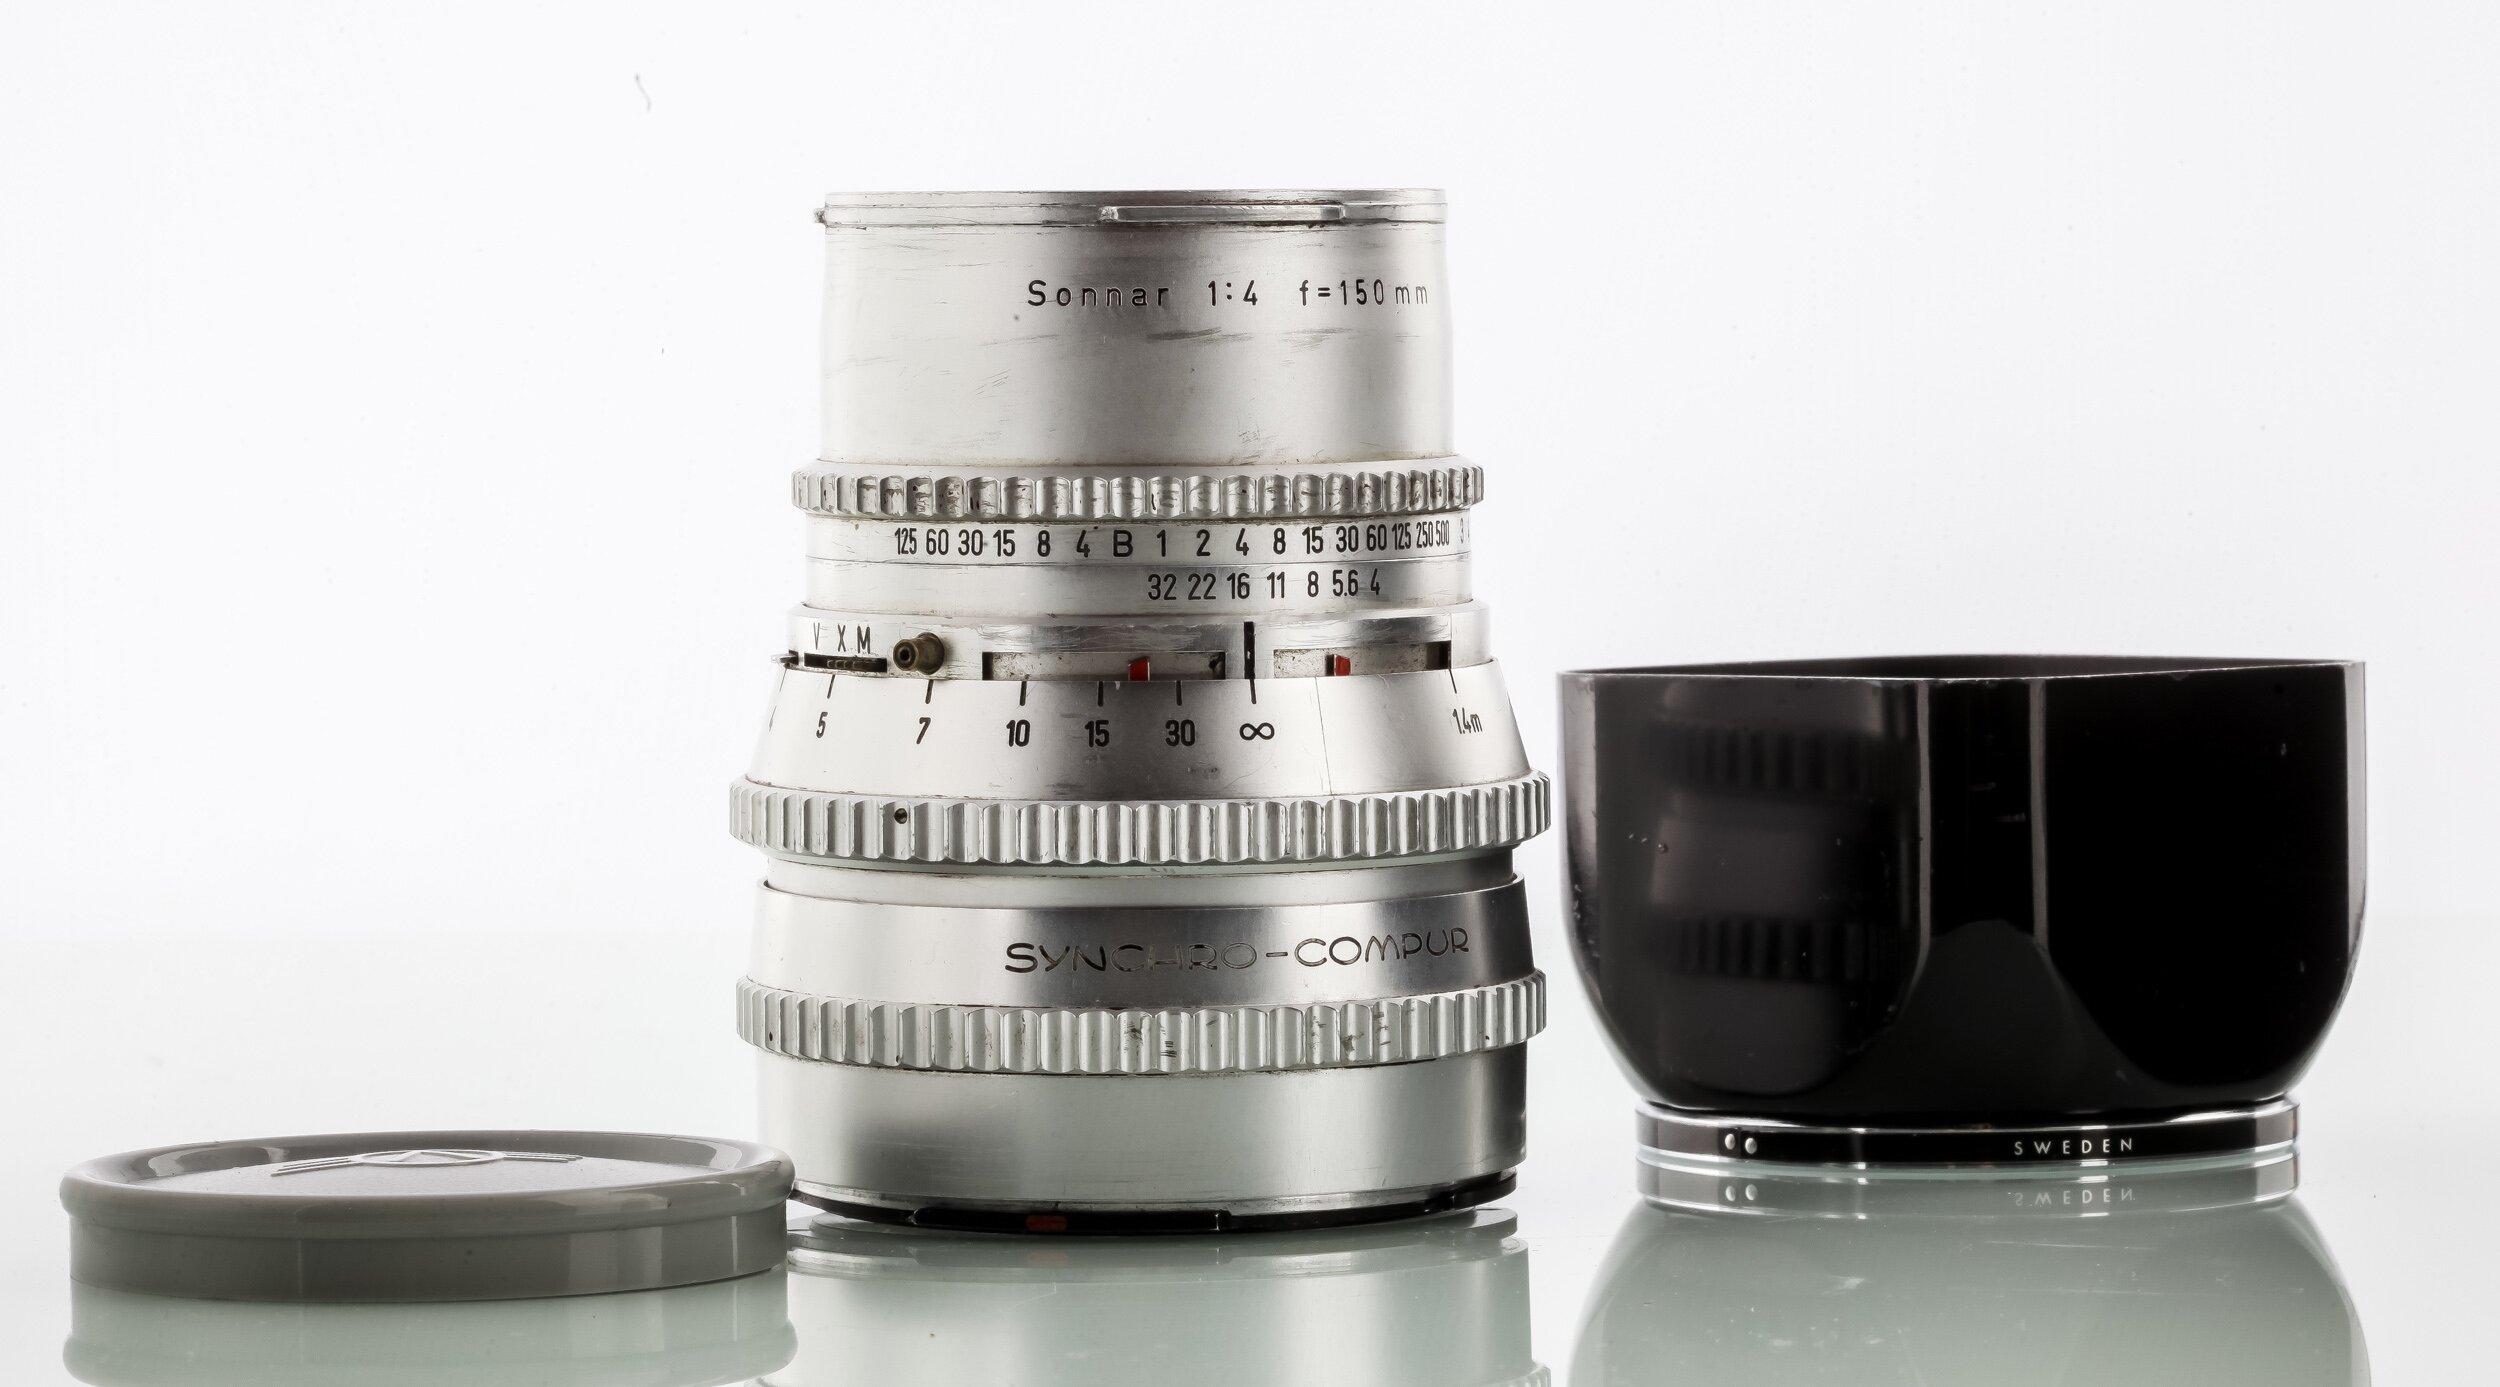 Hasselblad V Sonnar 4,0/150mm chrom